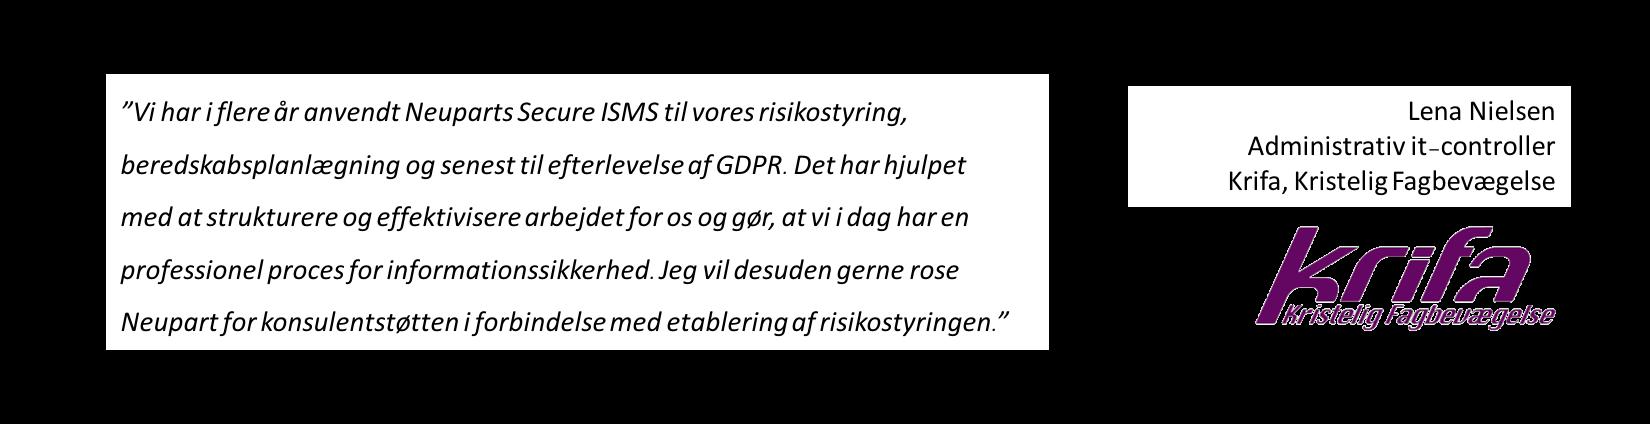 Efterlevelse af GDPR - Struktur og effektivisering - Proces for informationssikkerhed